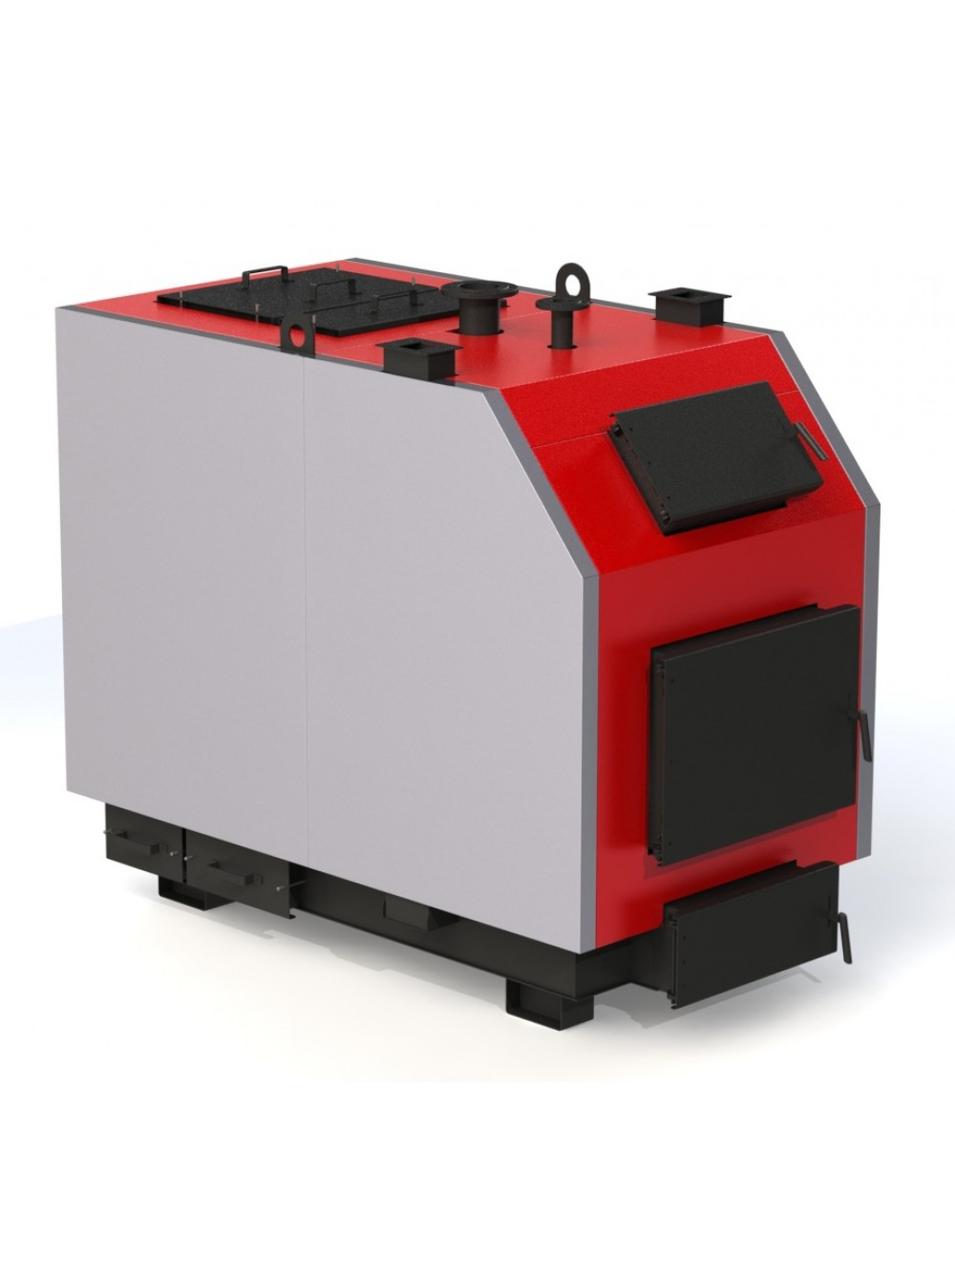 Промышленный универсальный котел ProTech ТТ-250 кВт Smart MG с высококачественной термоизоляции